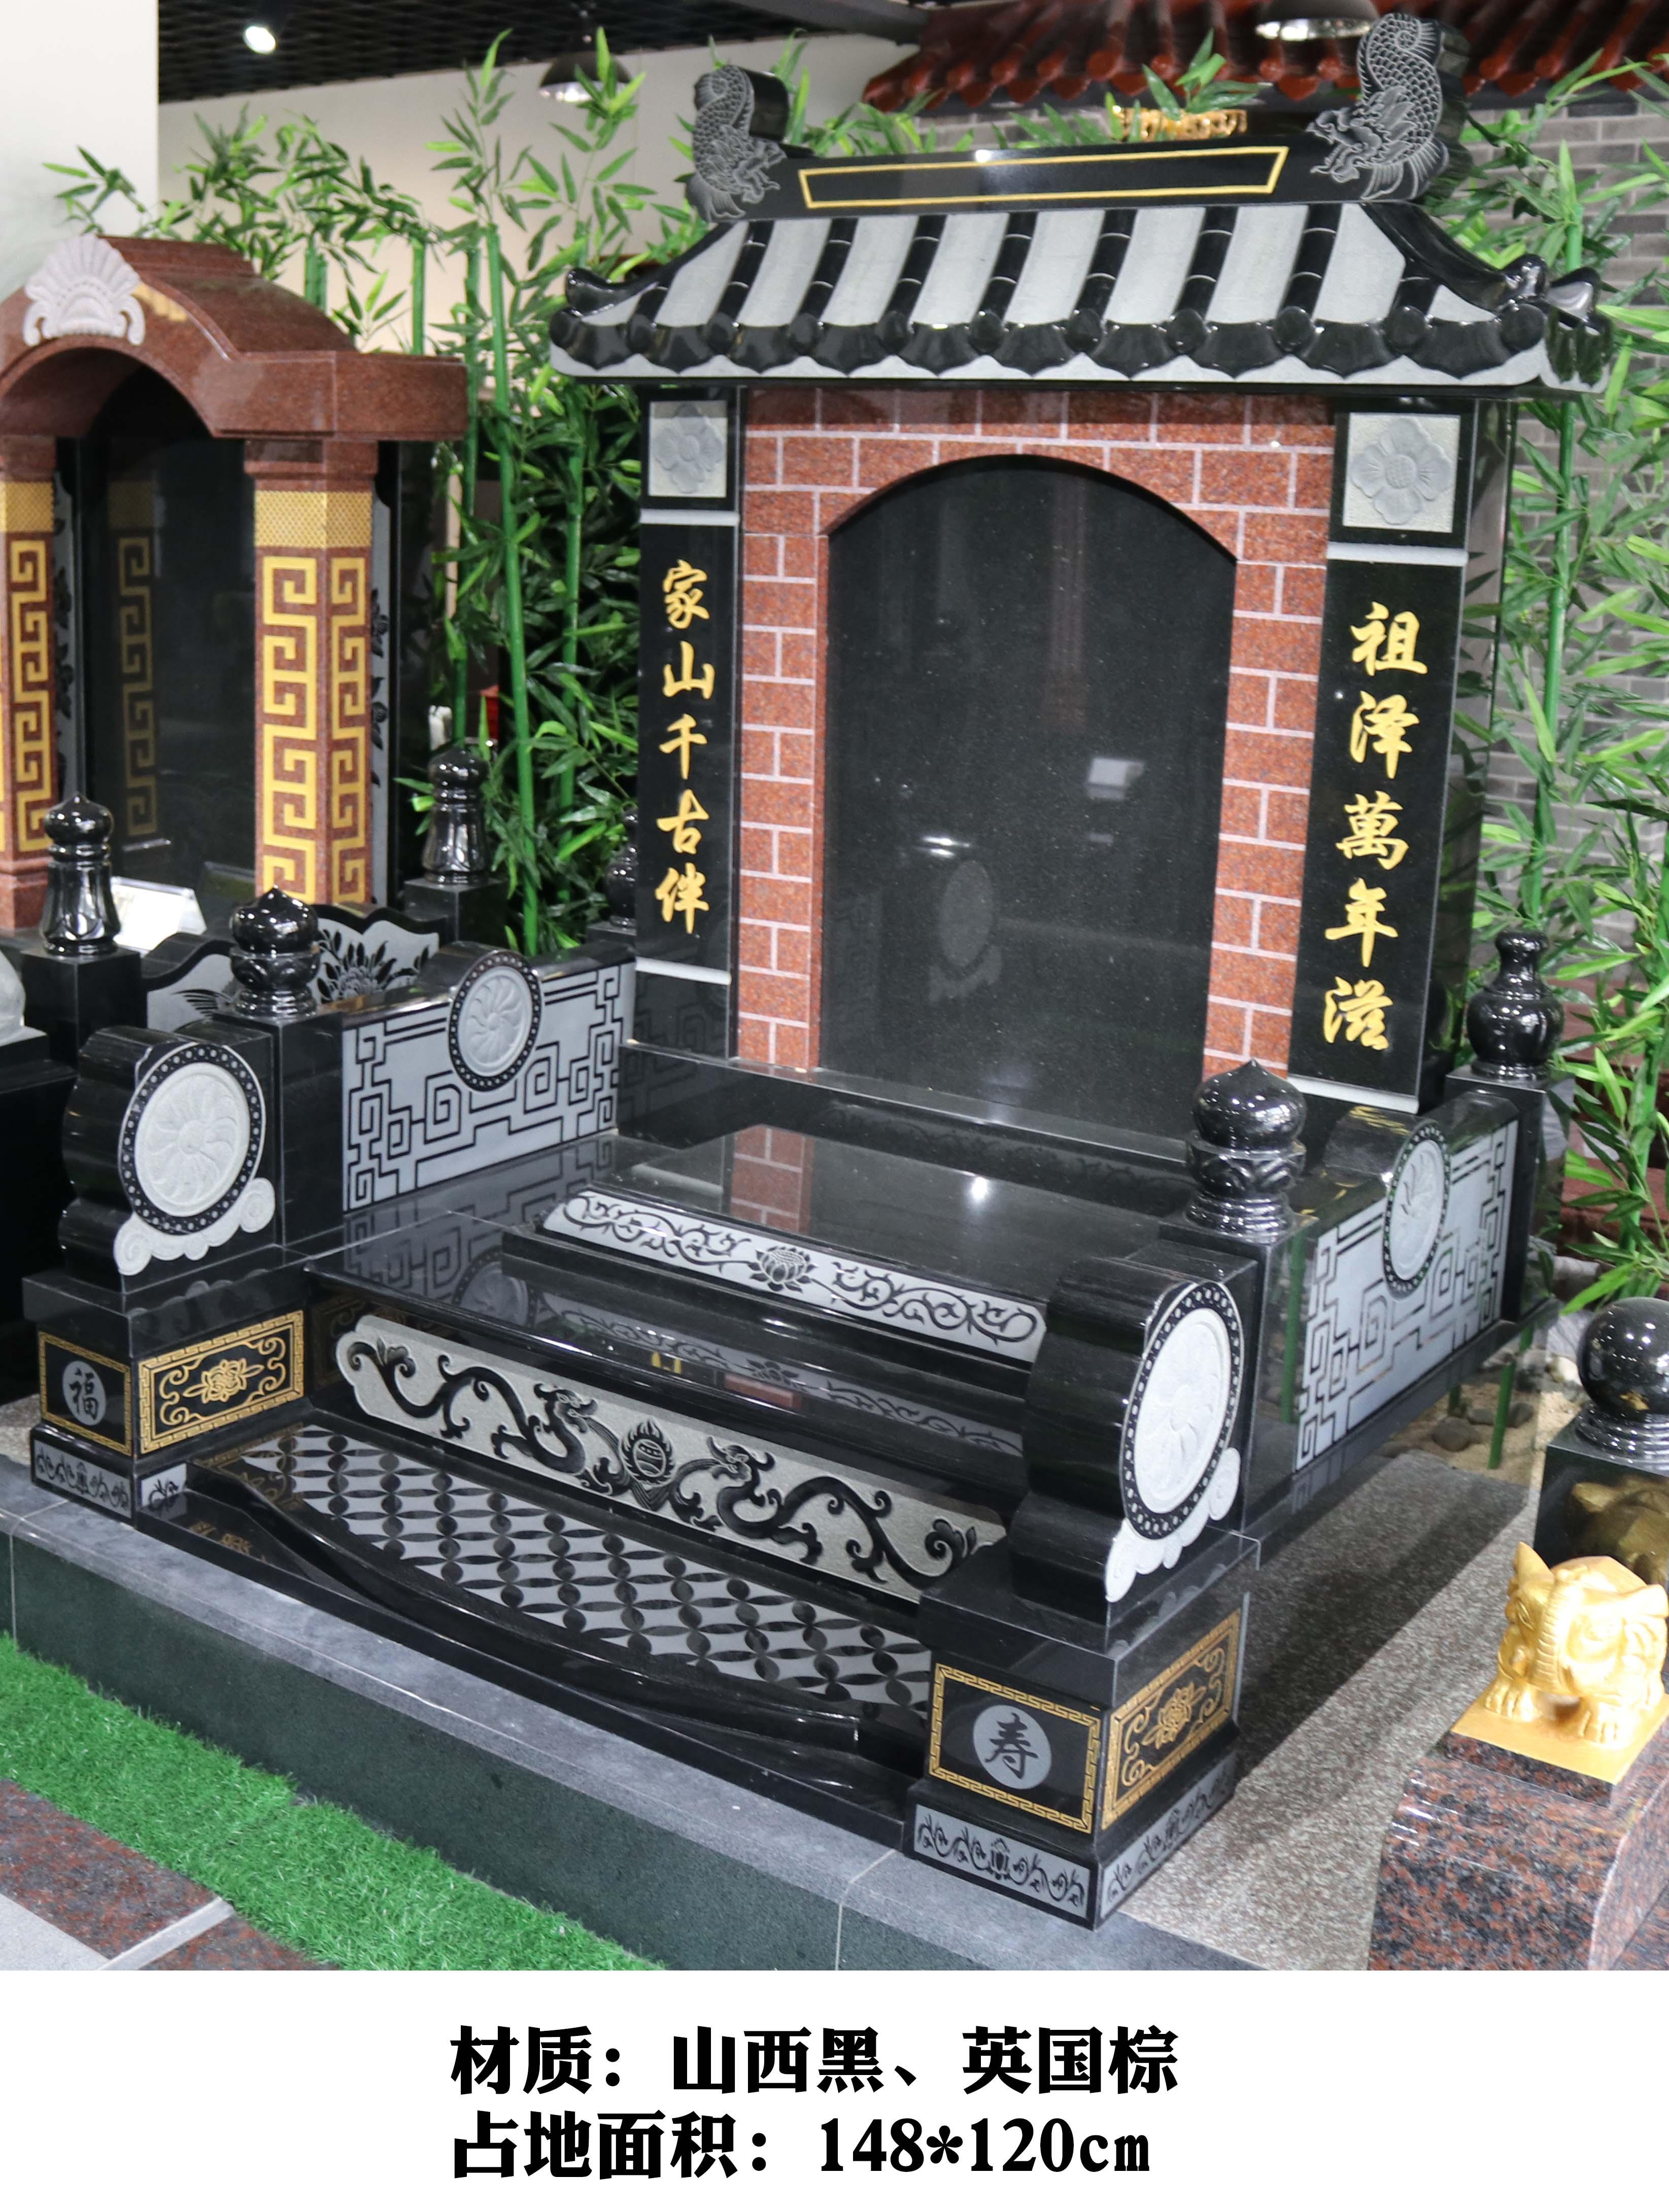 四川攀枝花墓碑对联体现孝道文化,具有深刻文化内涵